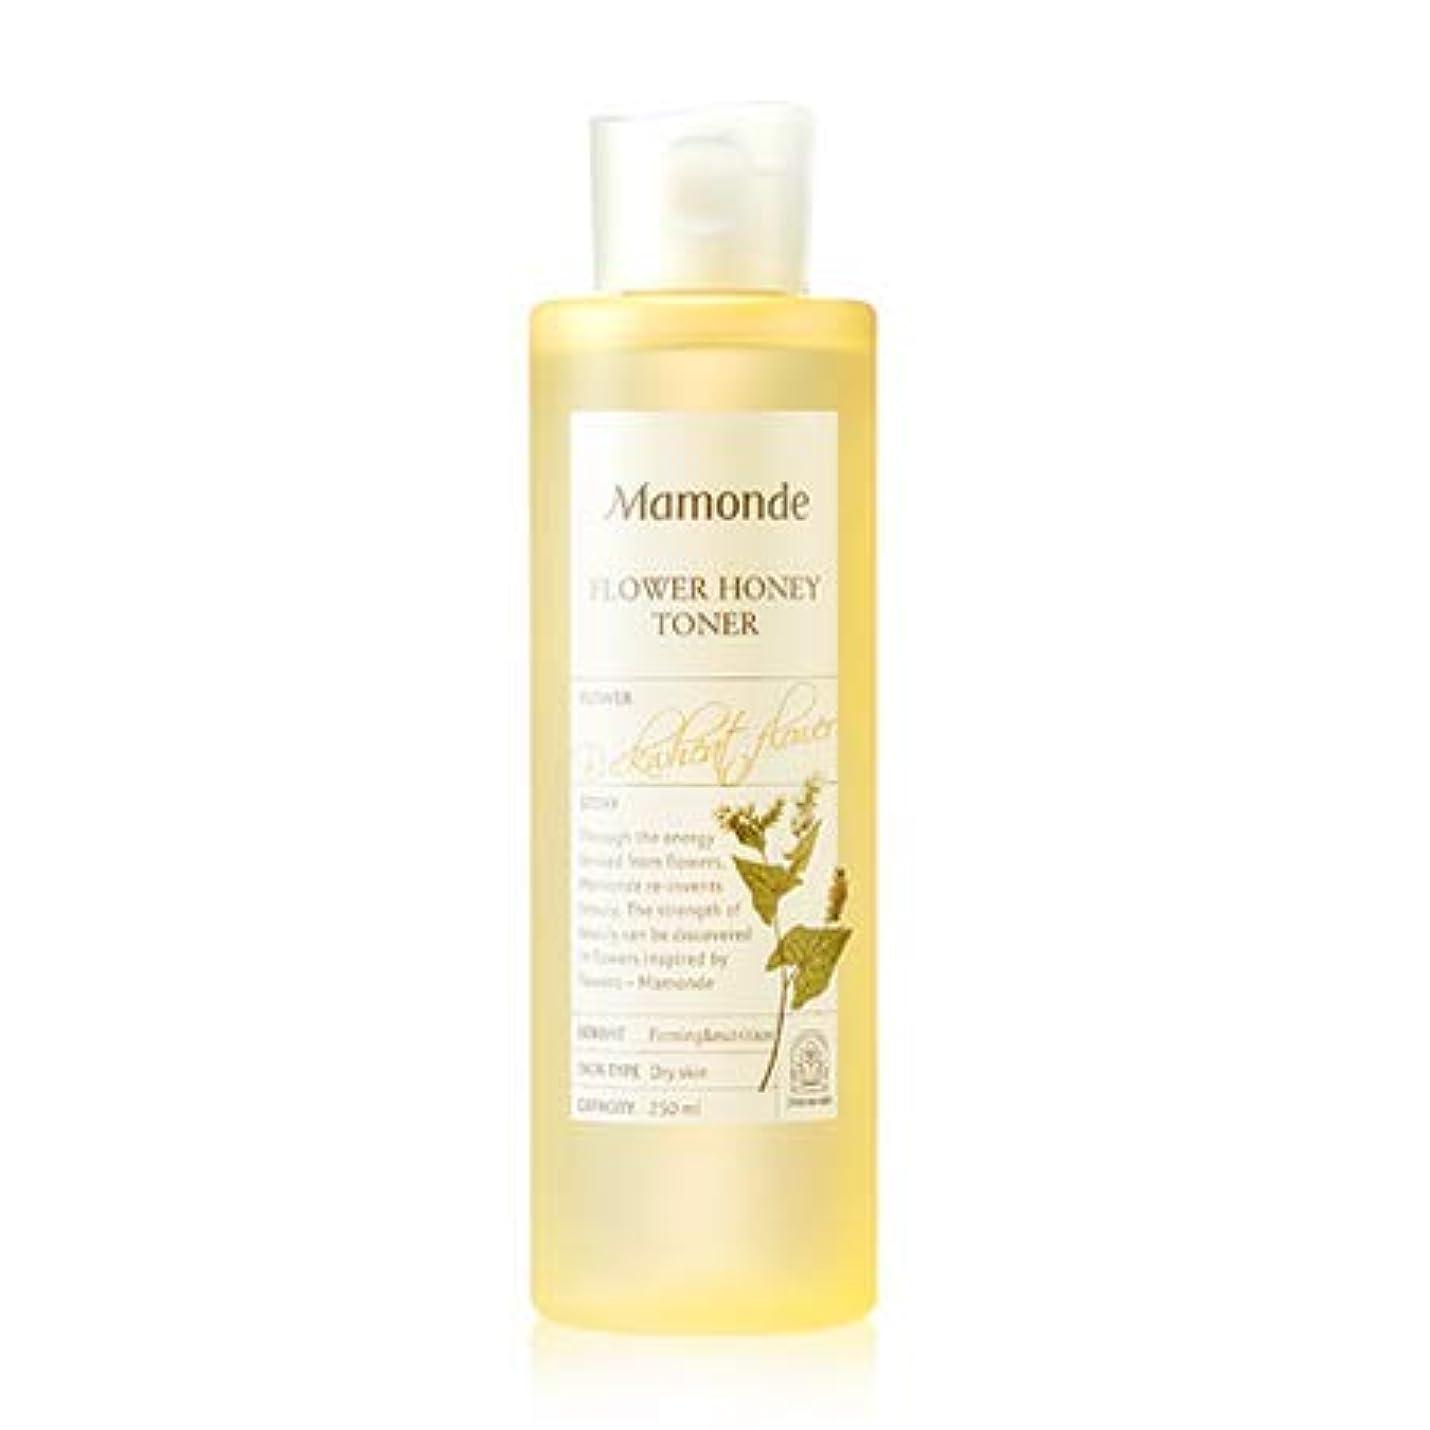 引き金外国人自分自身Mamonde Flower Honey Toner マモンド フラワー ハニー トナー 250ml [並行輸入品]